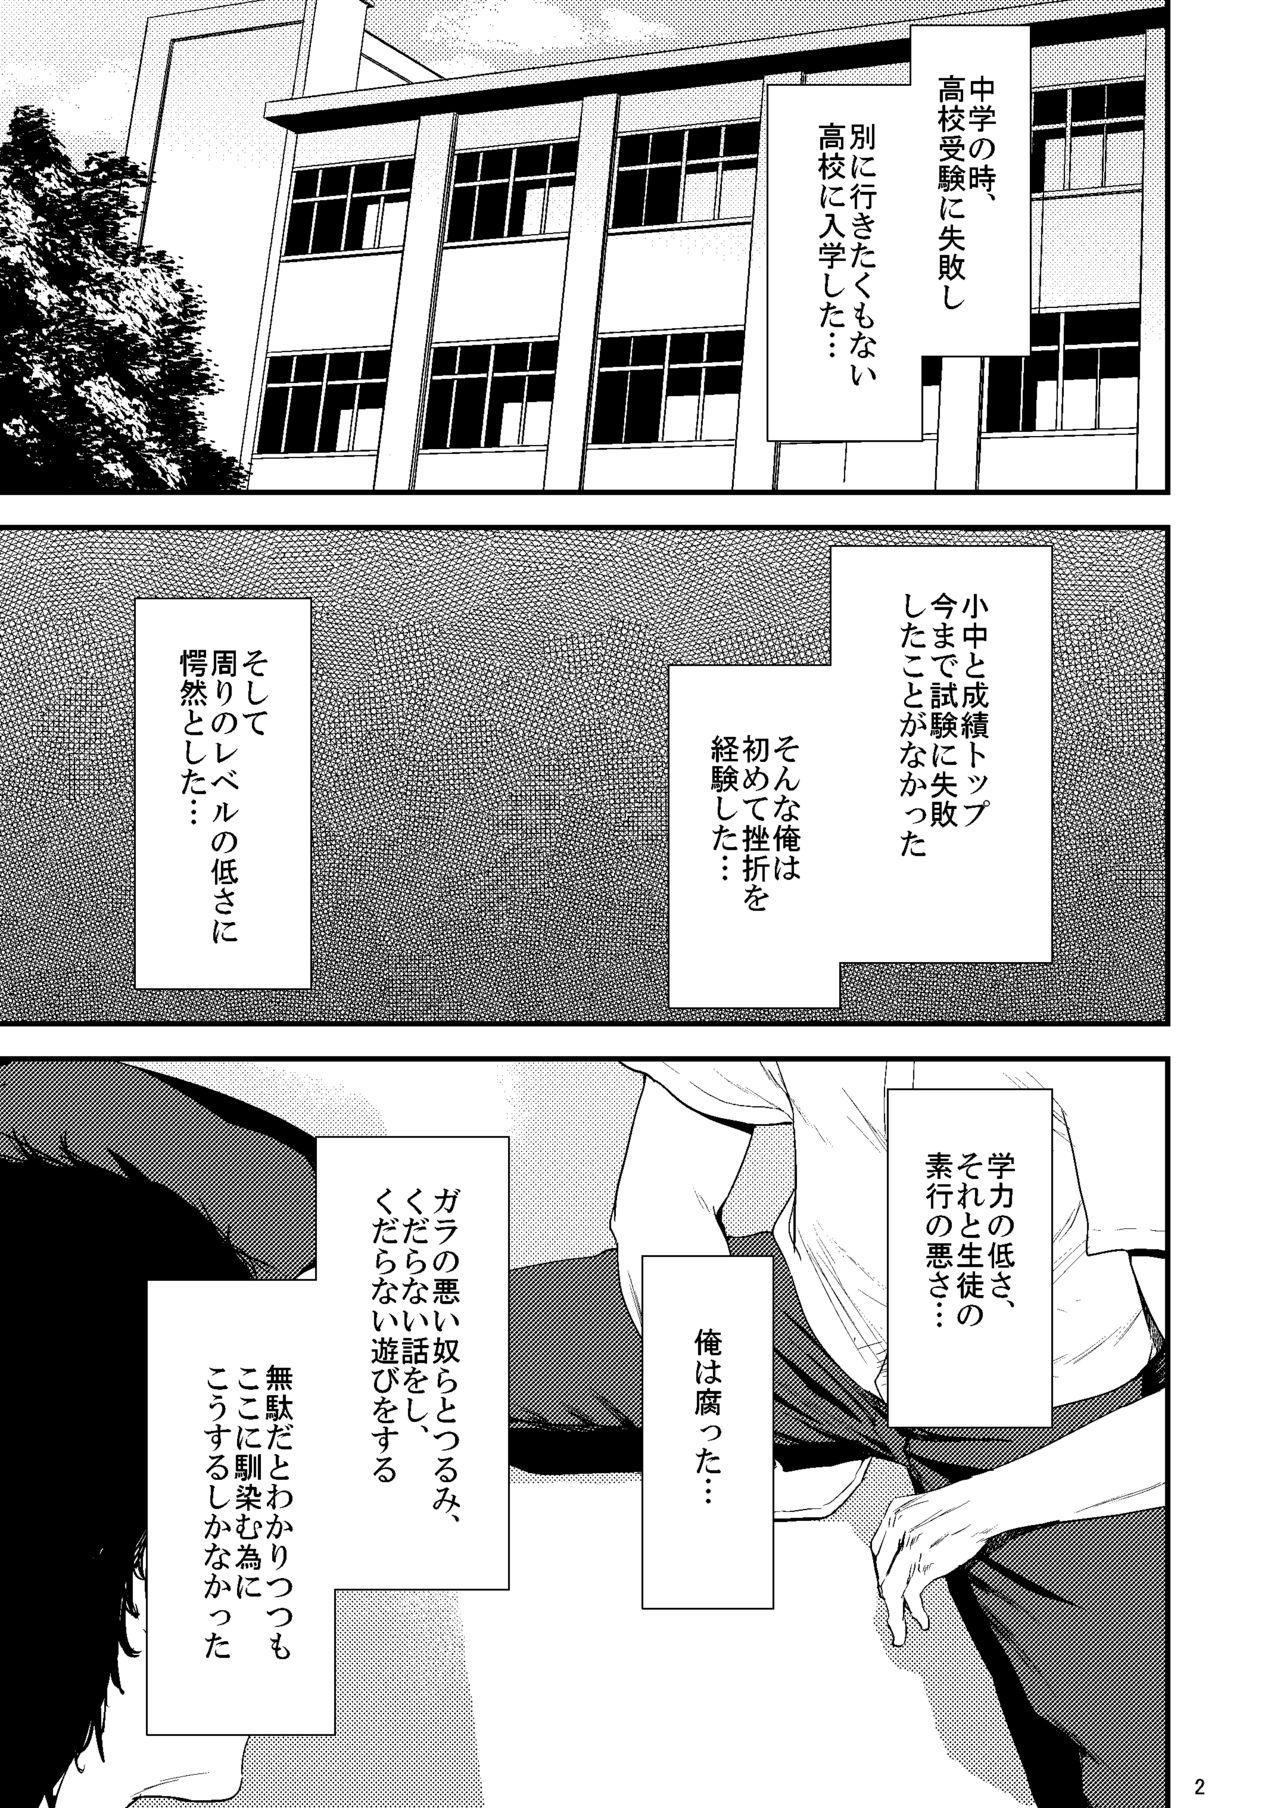 Sukoshi Ki no Tsuyoi Rika no Sensei ga Seito ni Moteasobareru H Na Hon 1